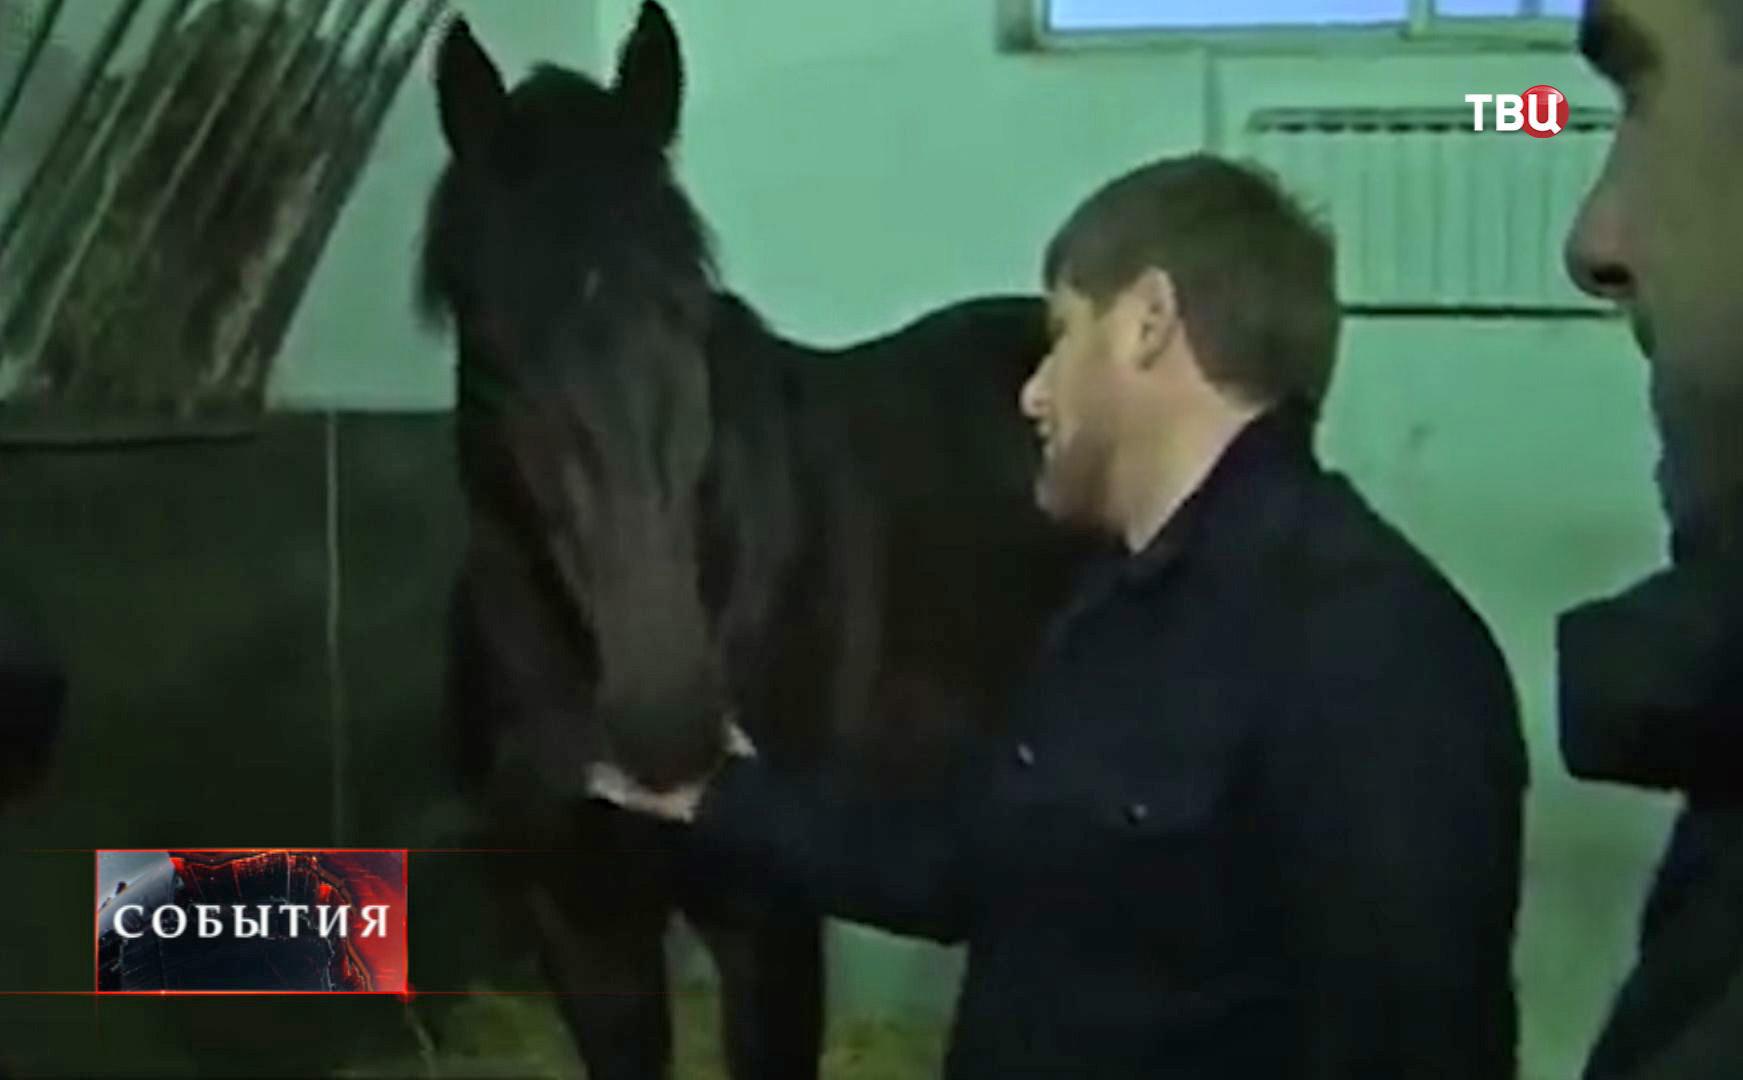 Глава Чечни Рамзан Кадыров с своей лошадью